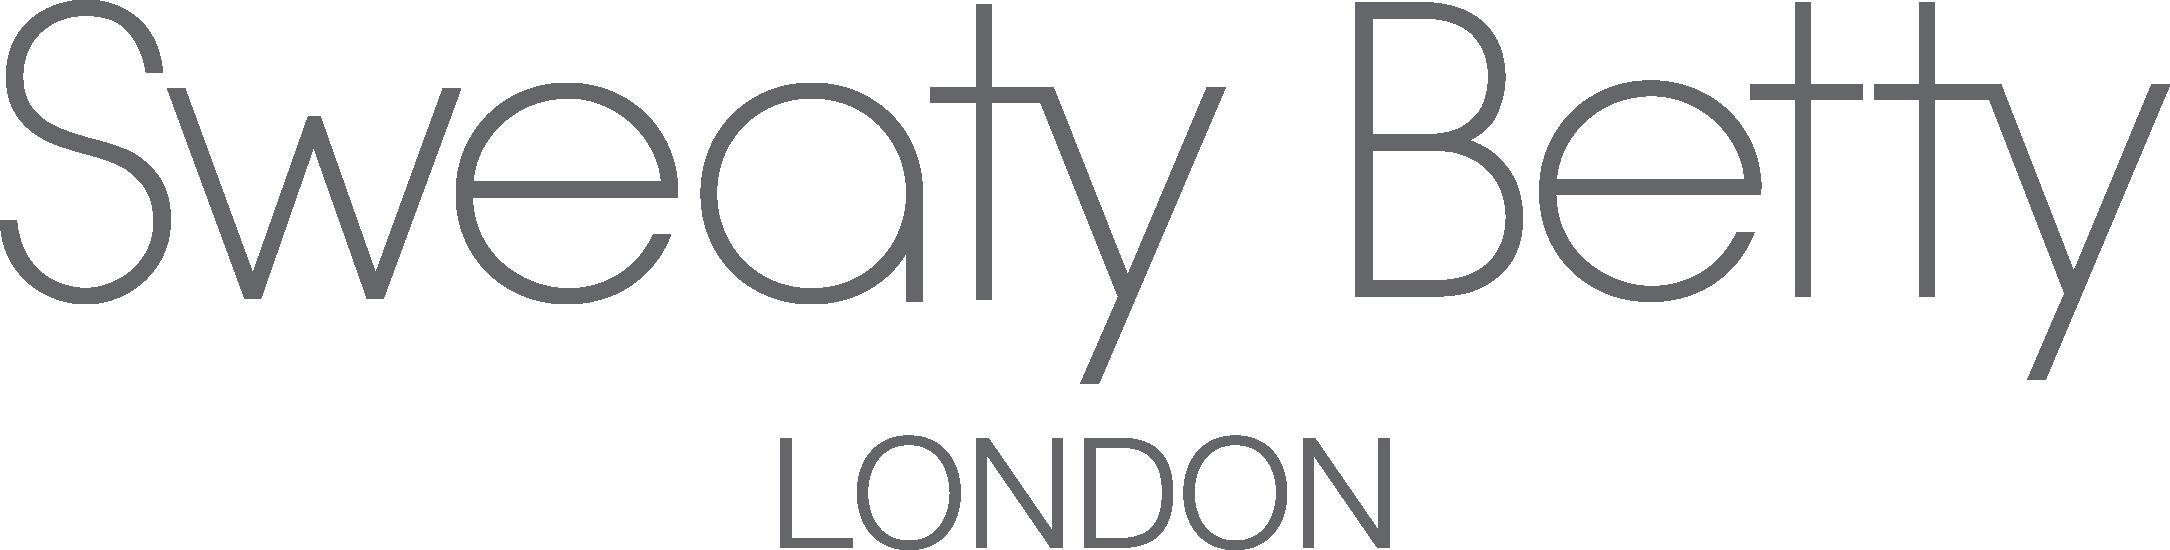 Sweaty Betty London Logo - Gray (1).png